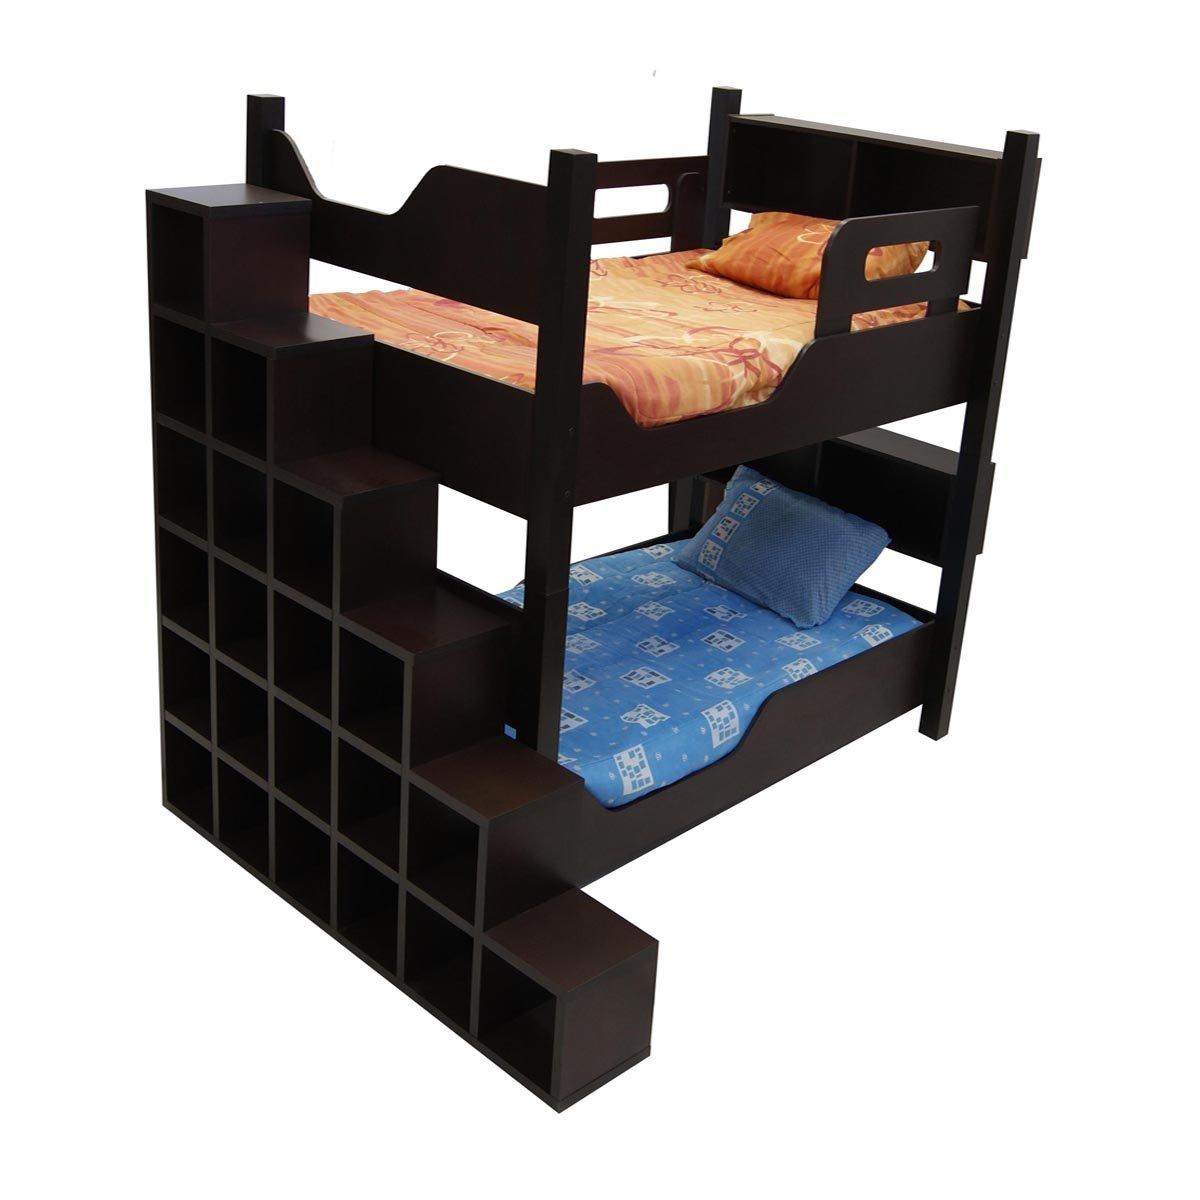 Litera escada con 2 camas individuales gemelas sears com for Recamaras con camas individuales